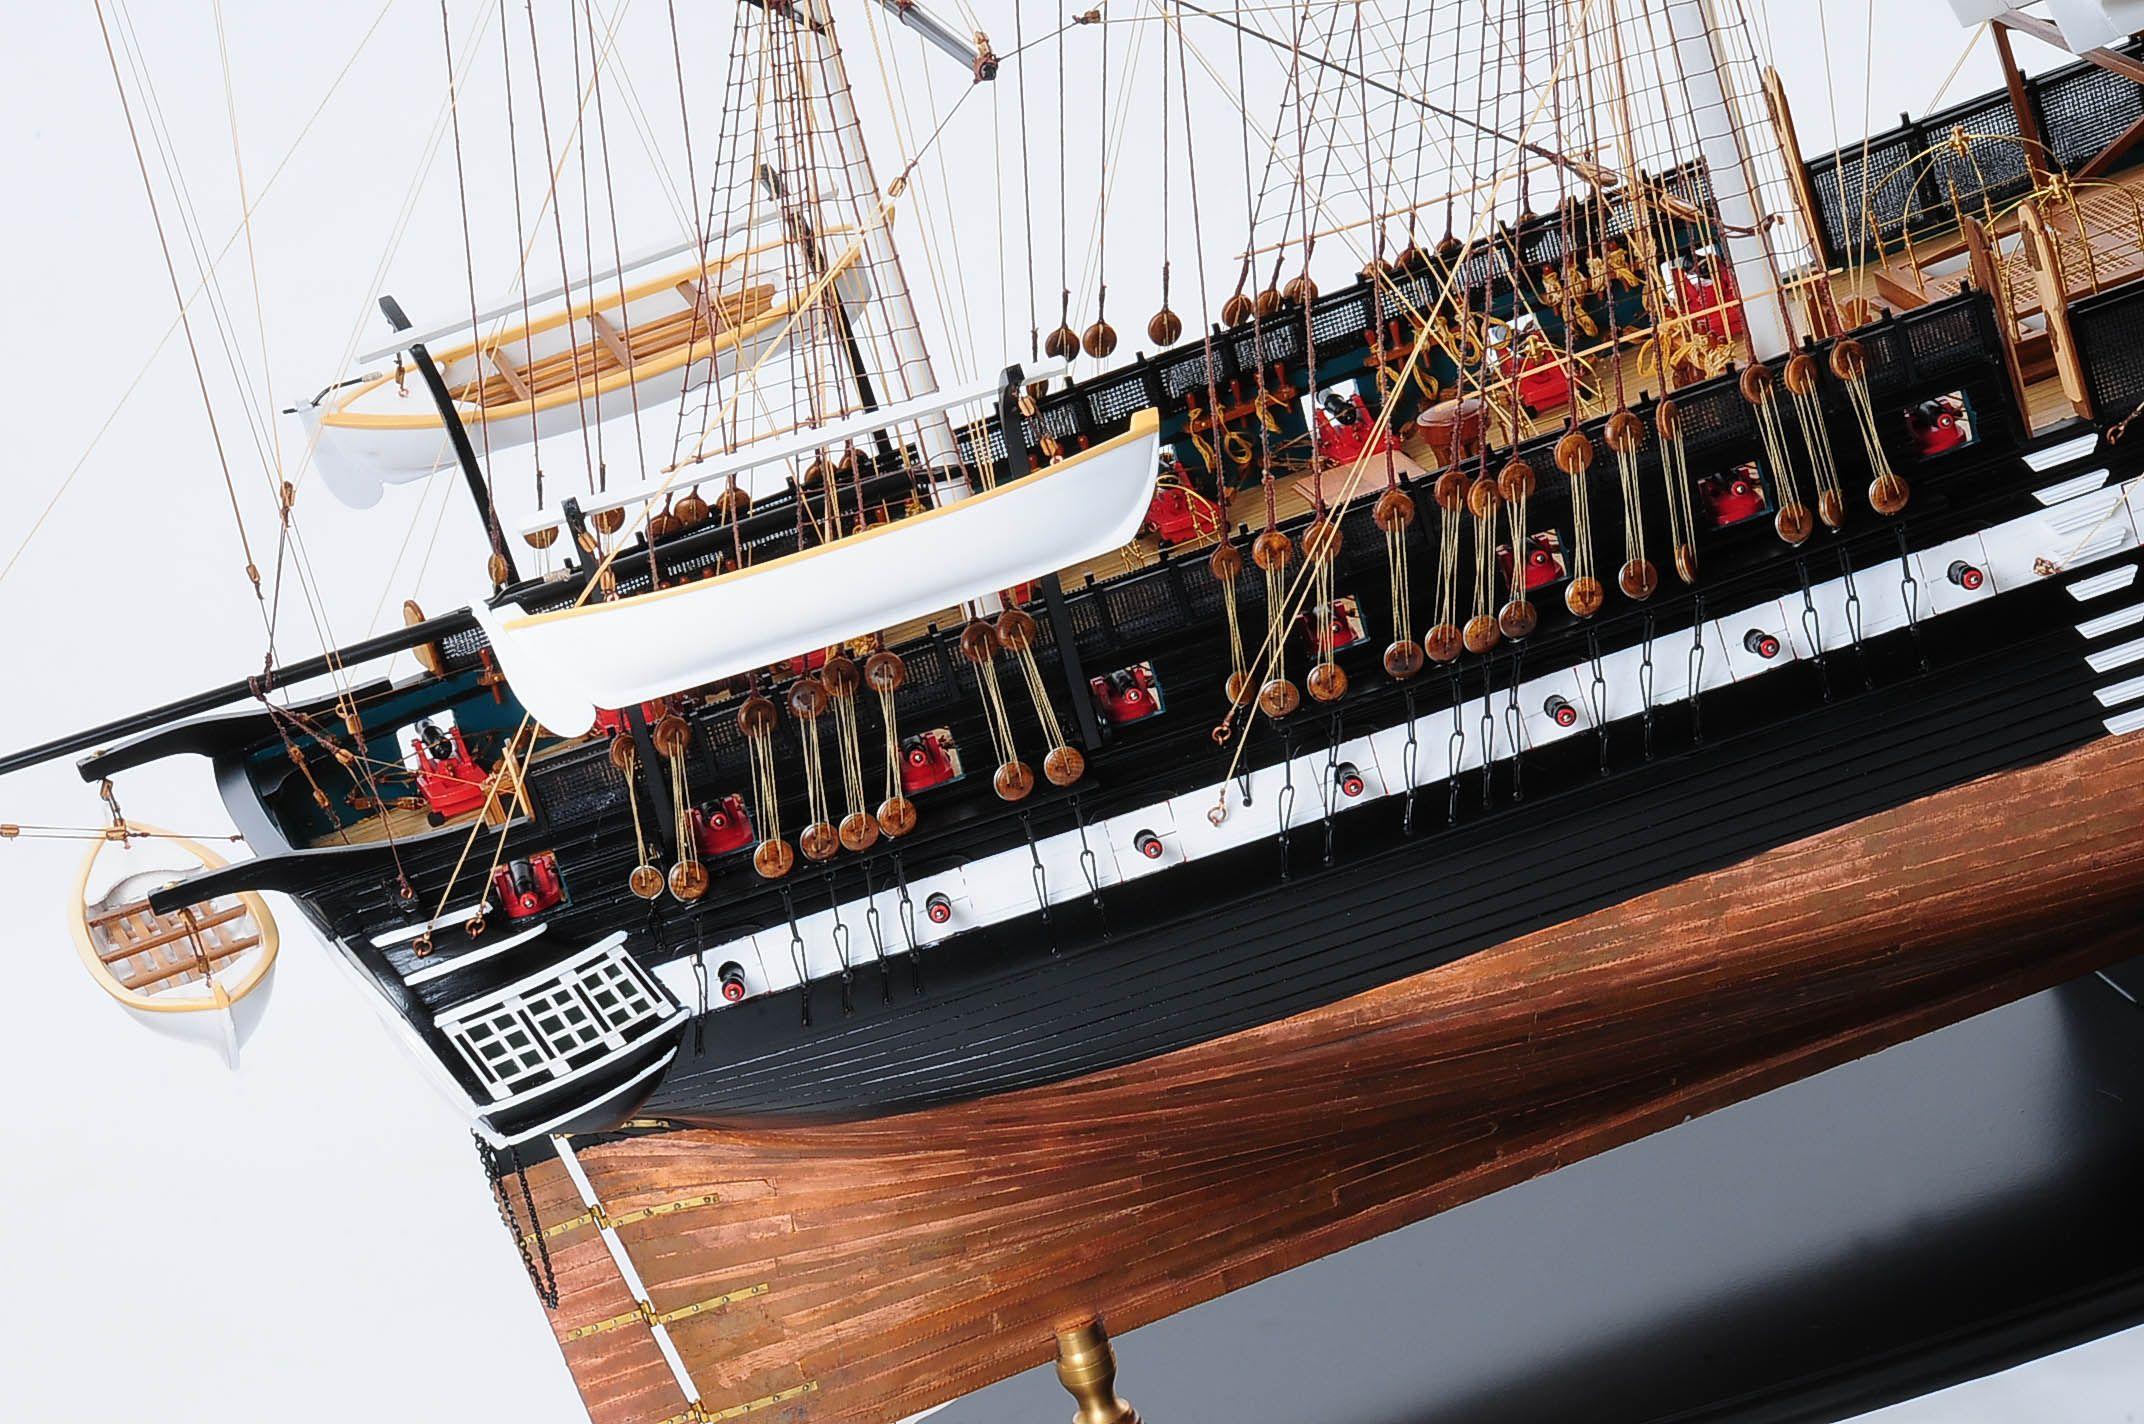 1258-7884-USS-Constitution-Model-Ship-Premier-Range